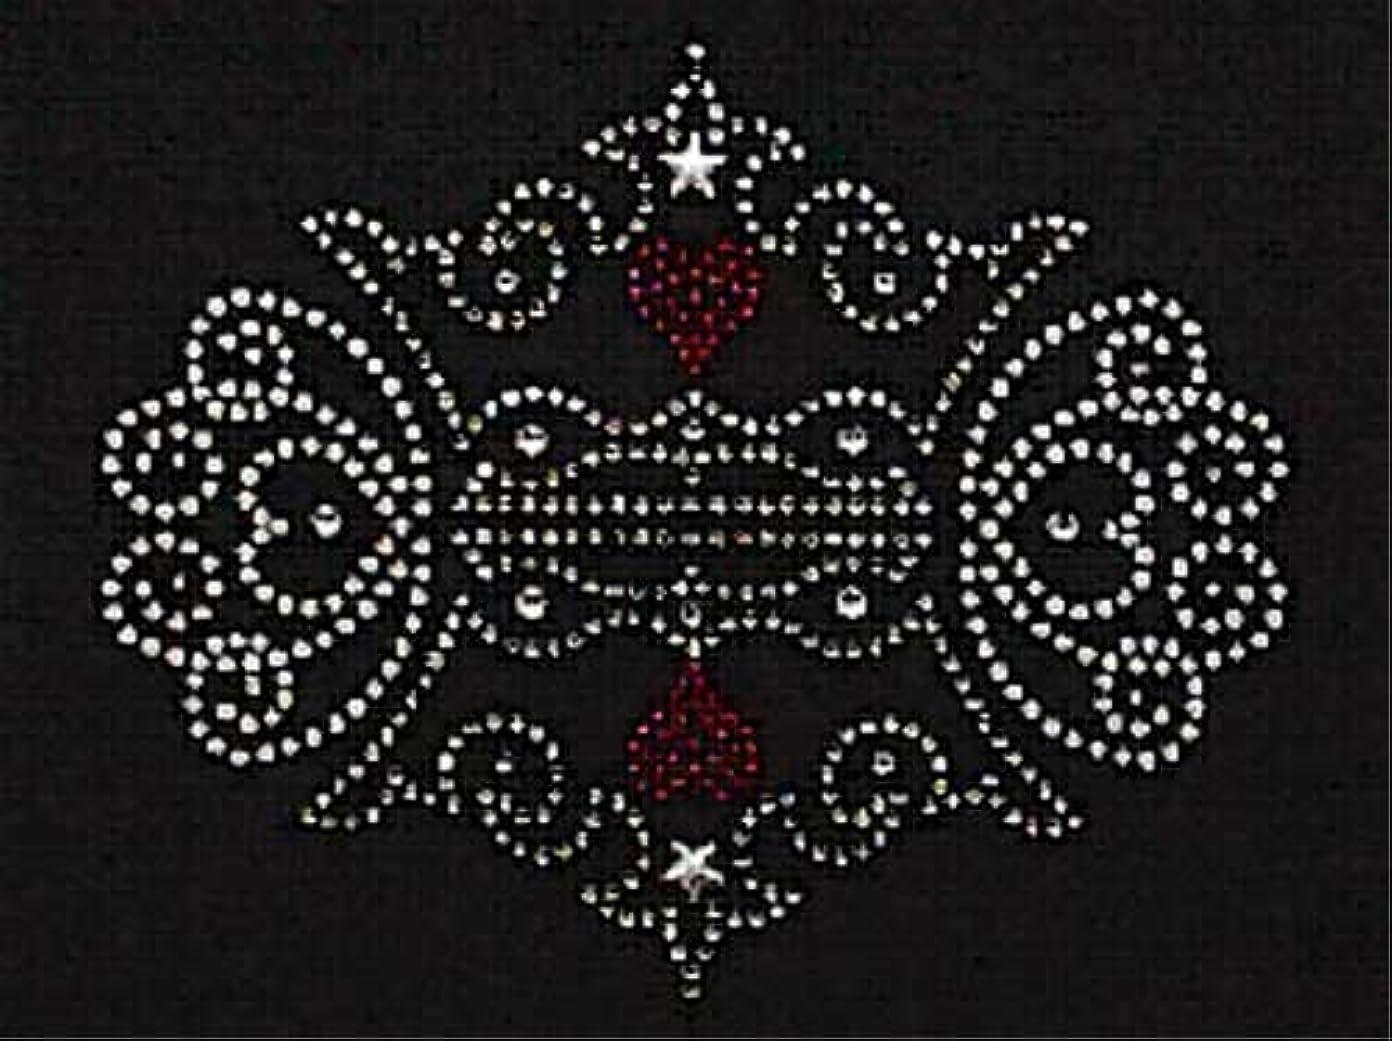 感情の排他的ハンサムスパングル&ラインストーン モチーフシート (王冠、組み合わせ) 約145×119mm [アイロン接着]